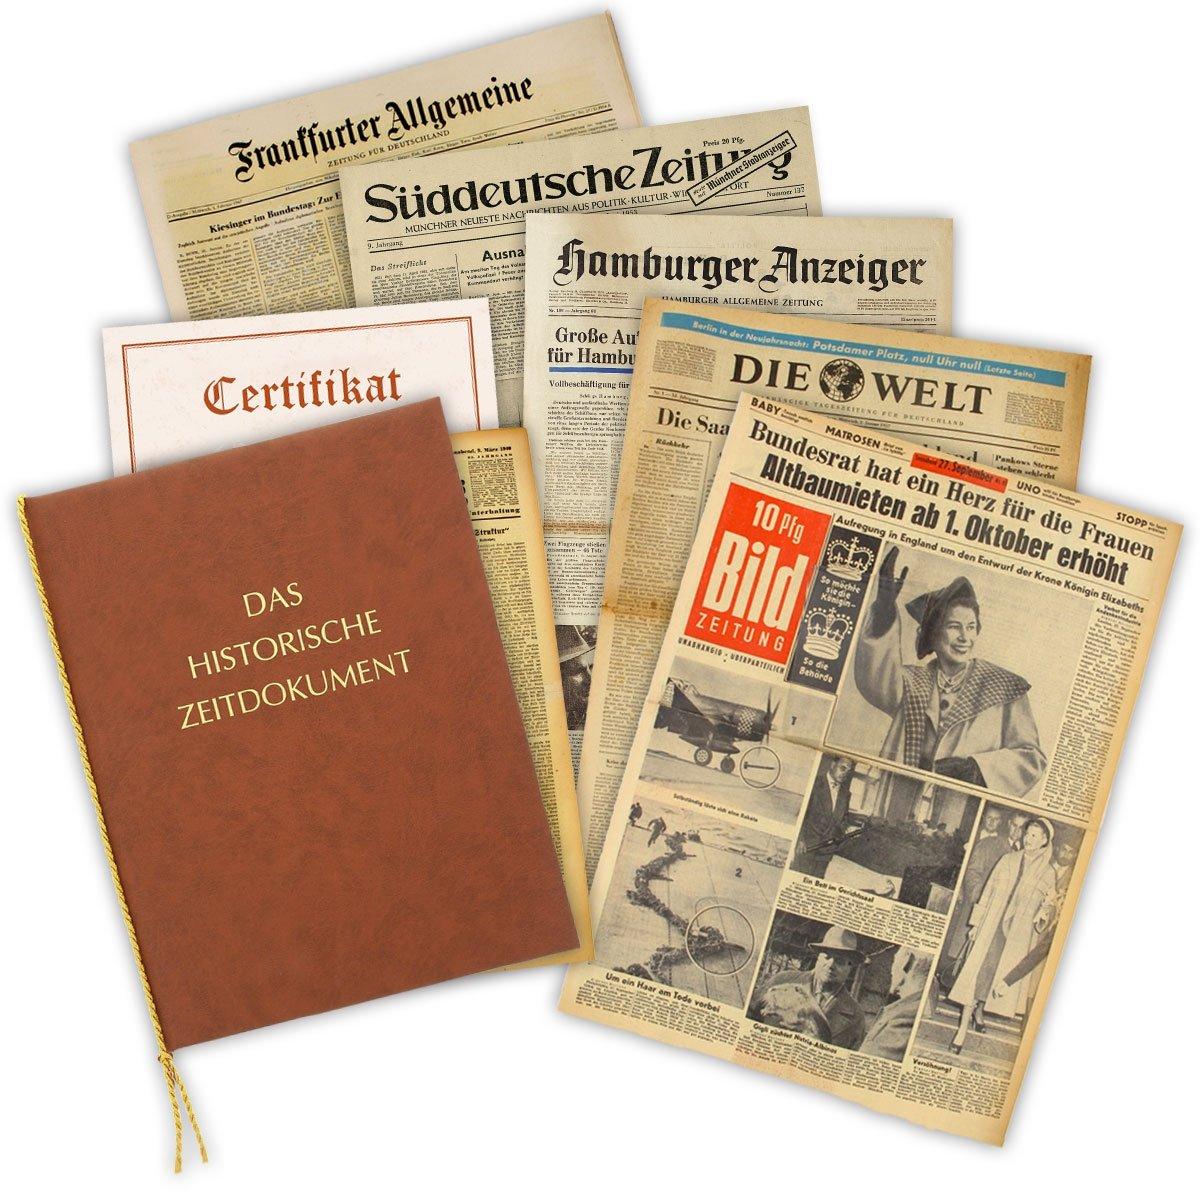 Zeitung vom Tag der Geburt 1939 - historische Zeitung inkl. Mappe & Zertifikat als Geschenkidee Bild